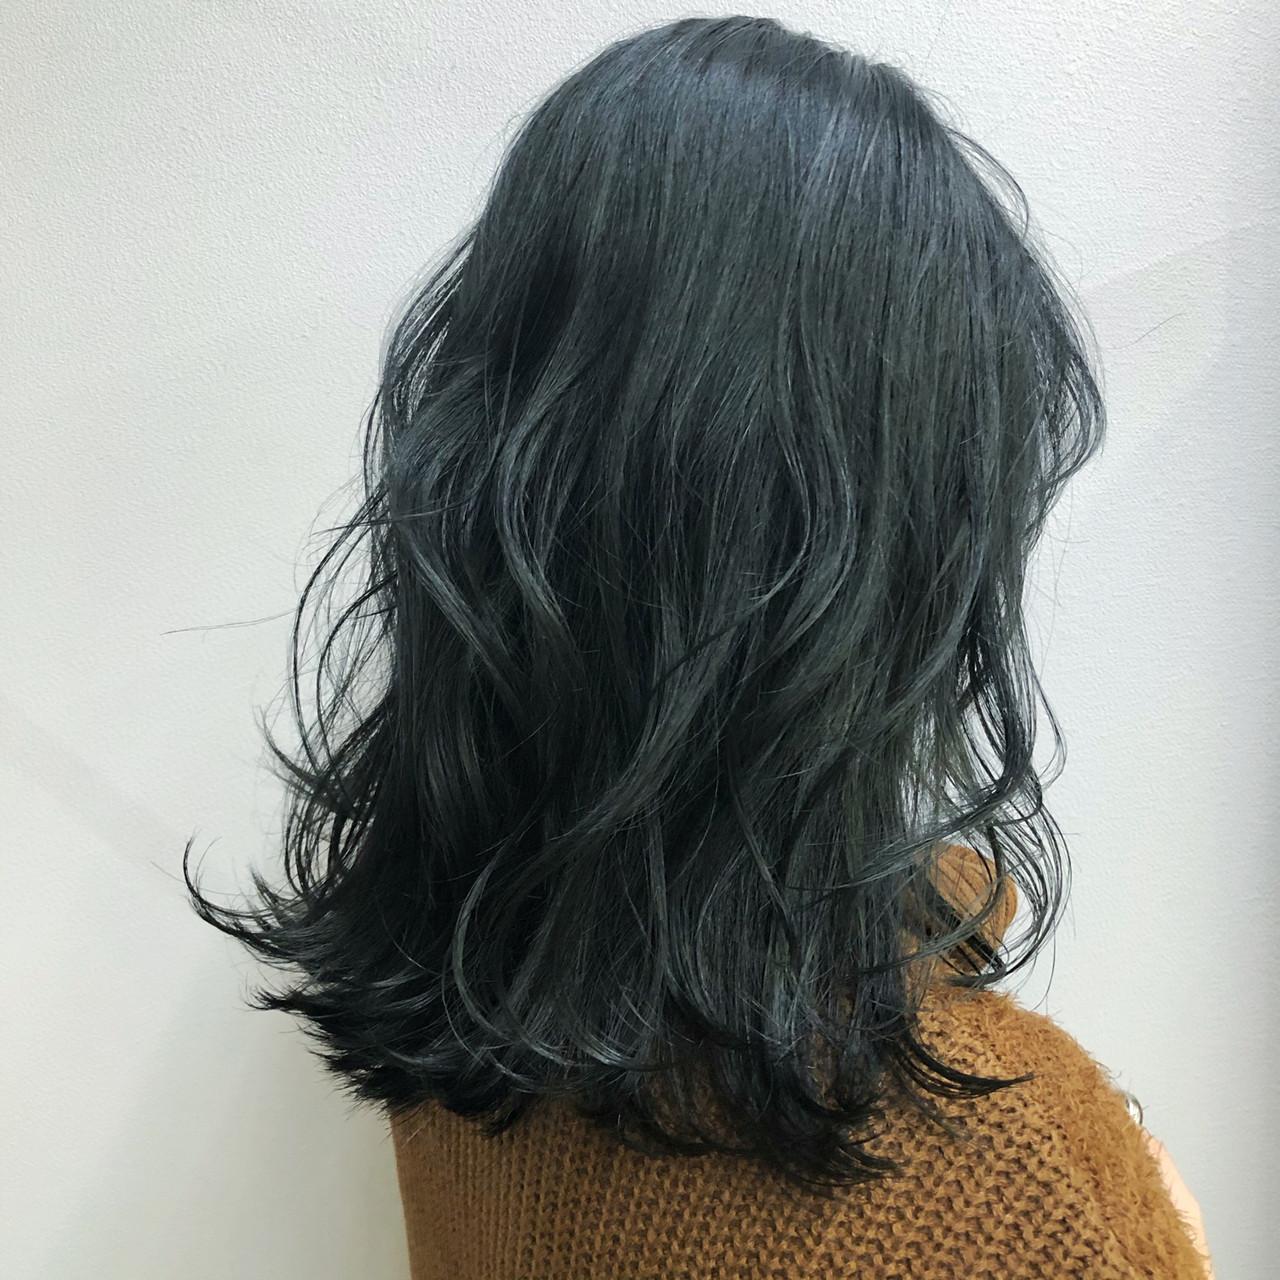 ナチュラル ネイビー インナーカラー セミロング ヘアスタイルや髪型の写真・画像